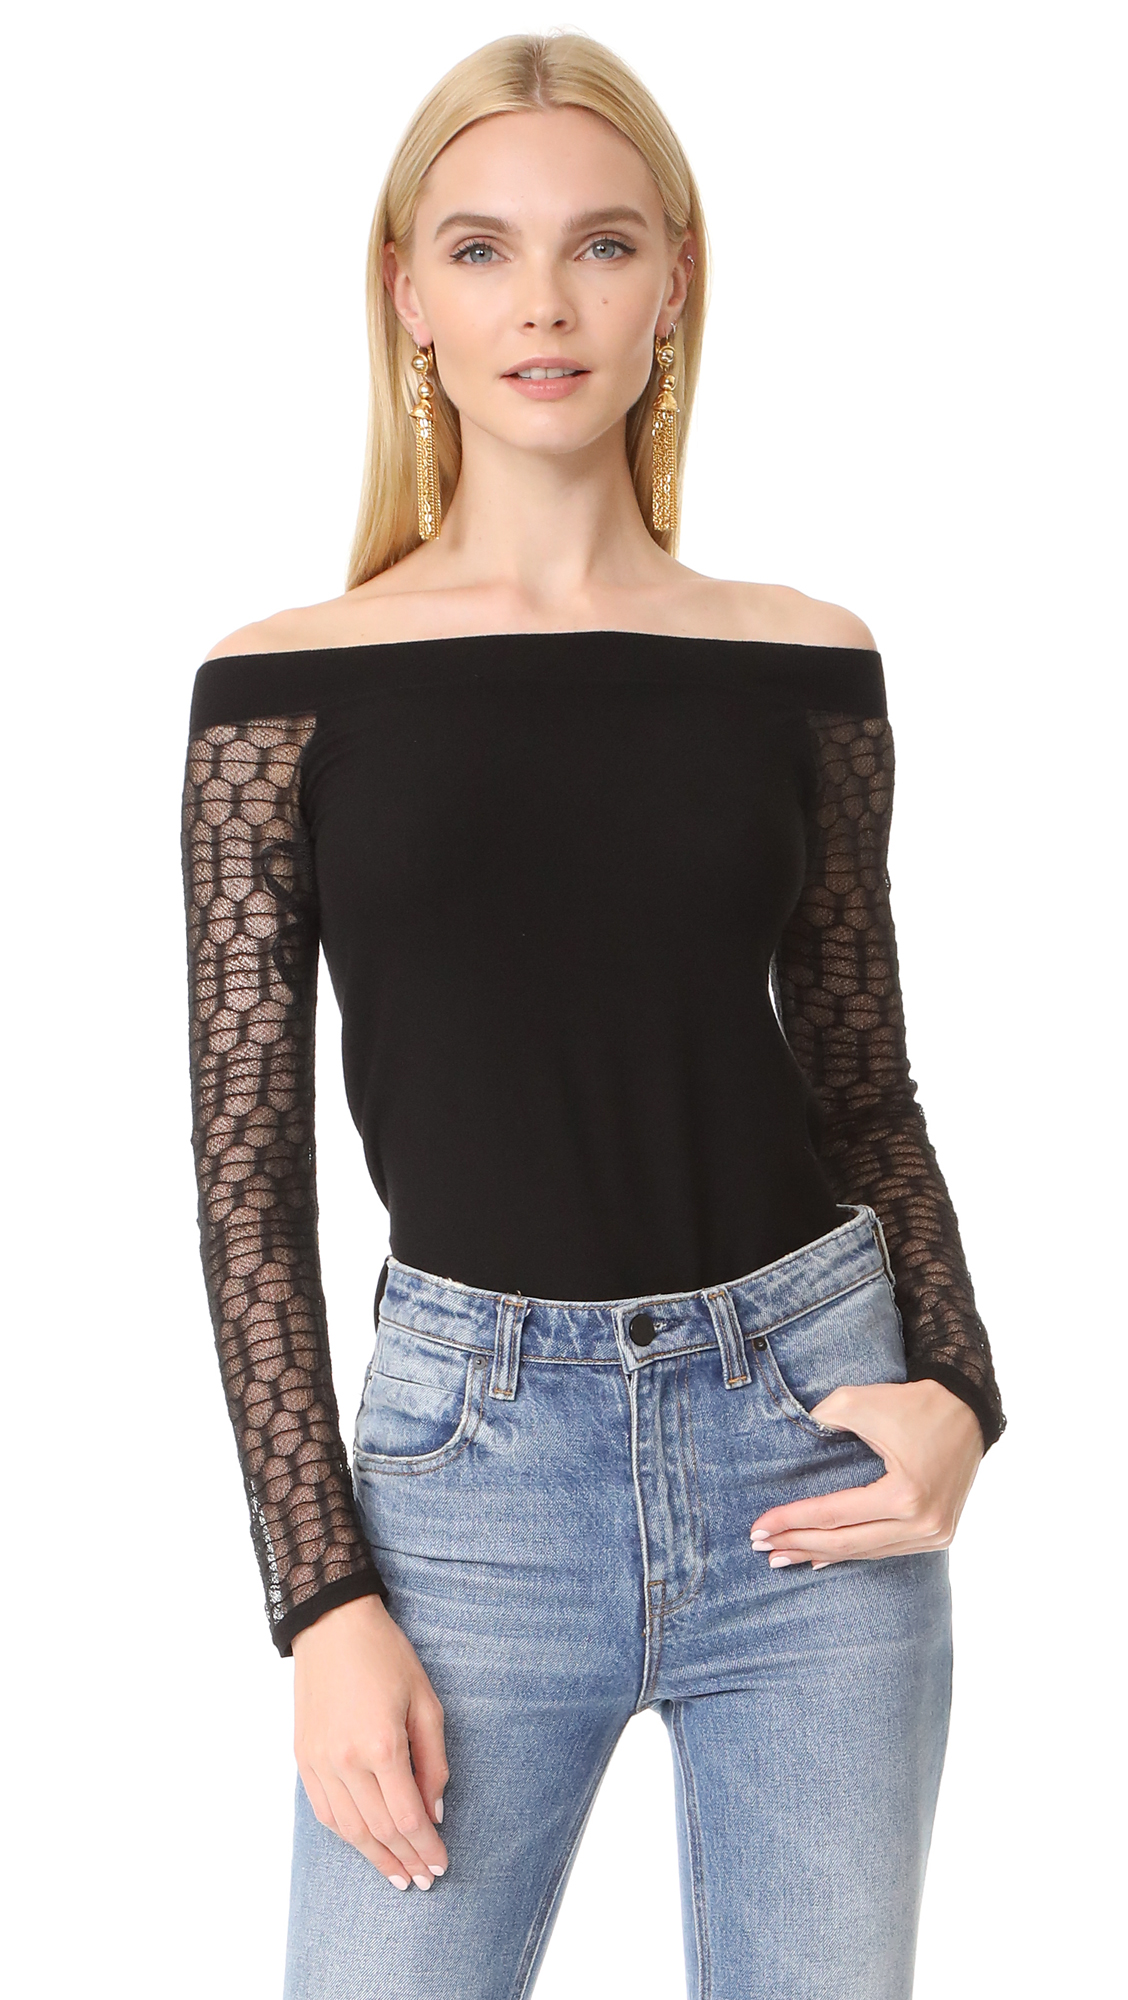 LAGENCE Amaya Off Shoulder Sweater - Black